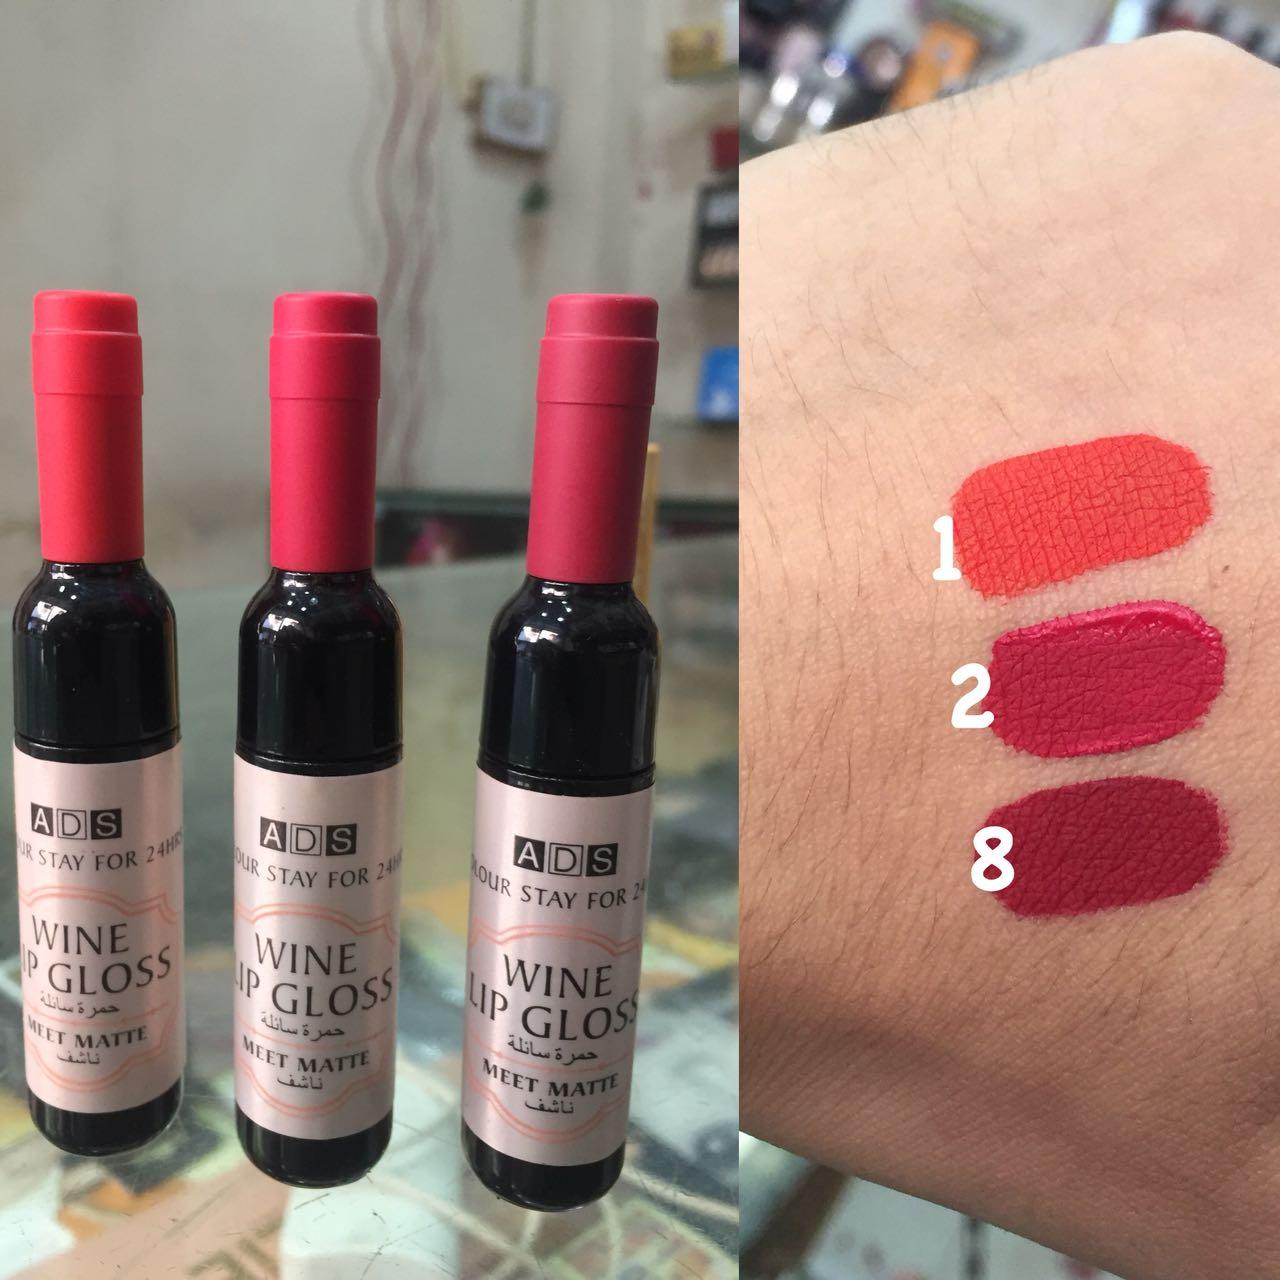 ADS wine matte lipgloss - 01, 02, 08